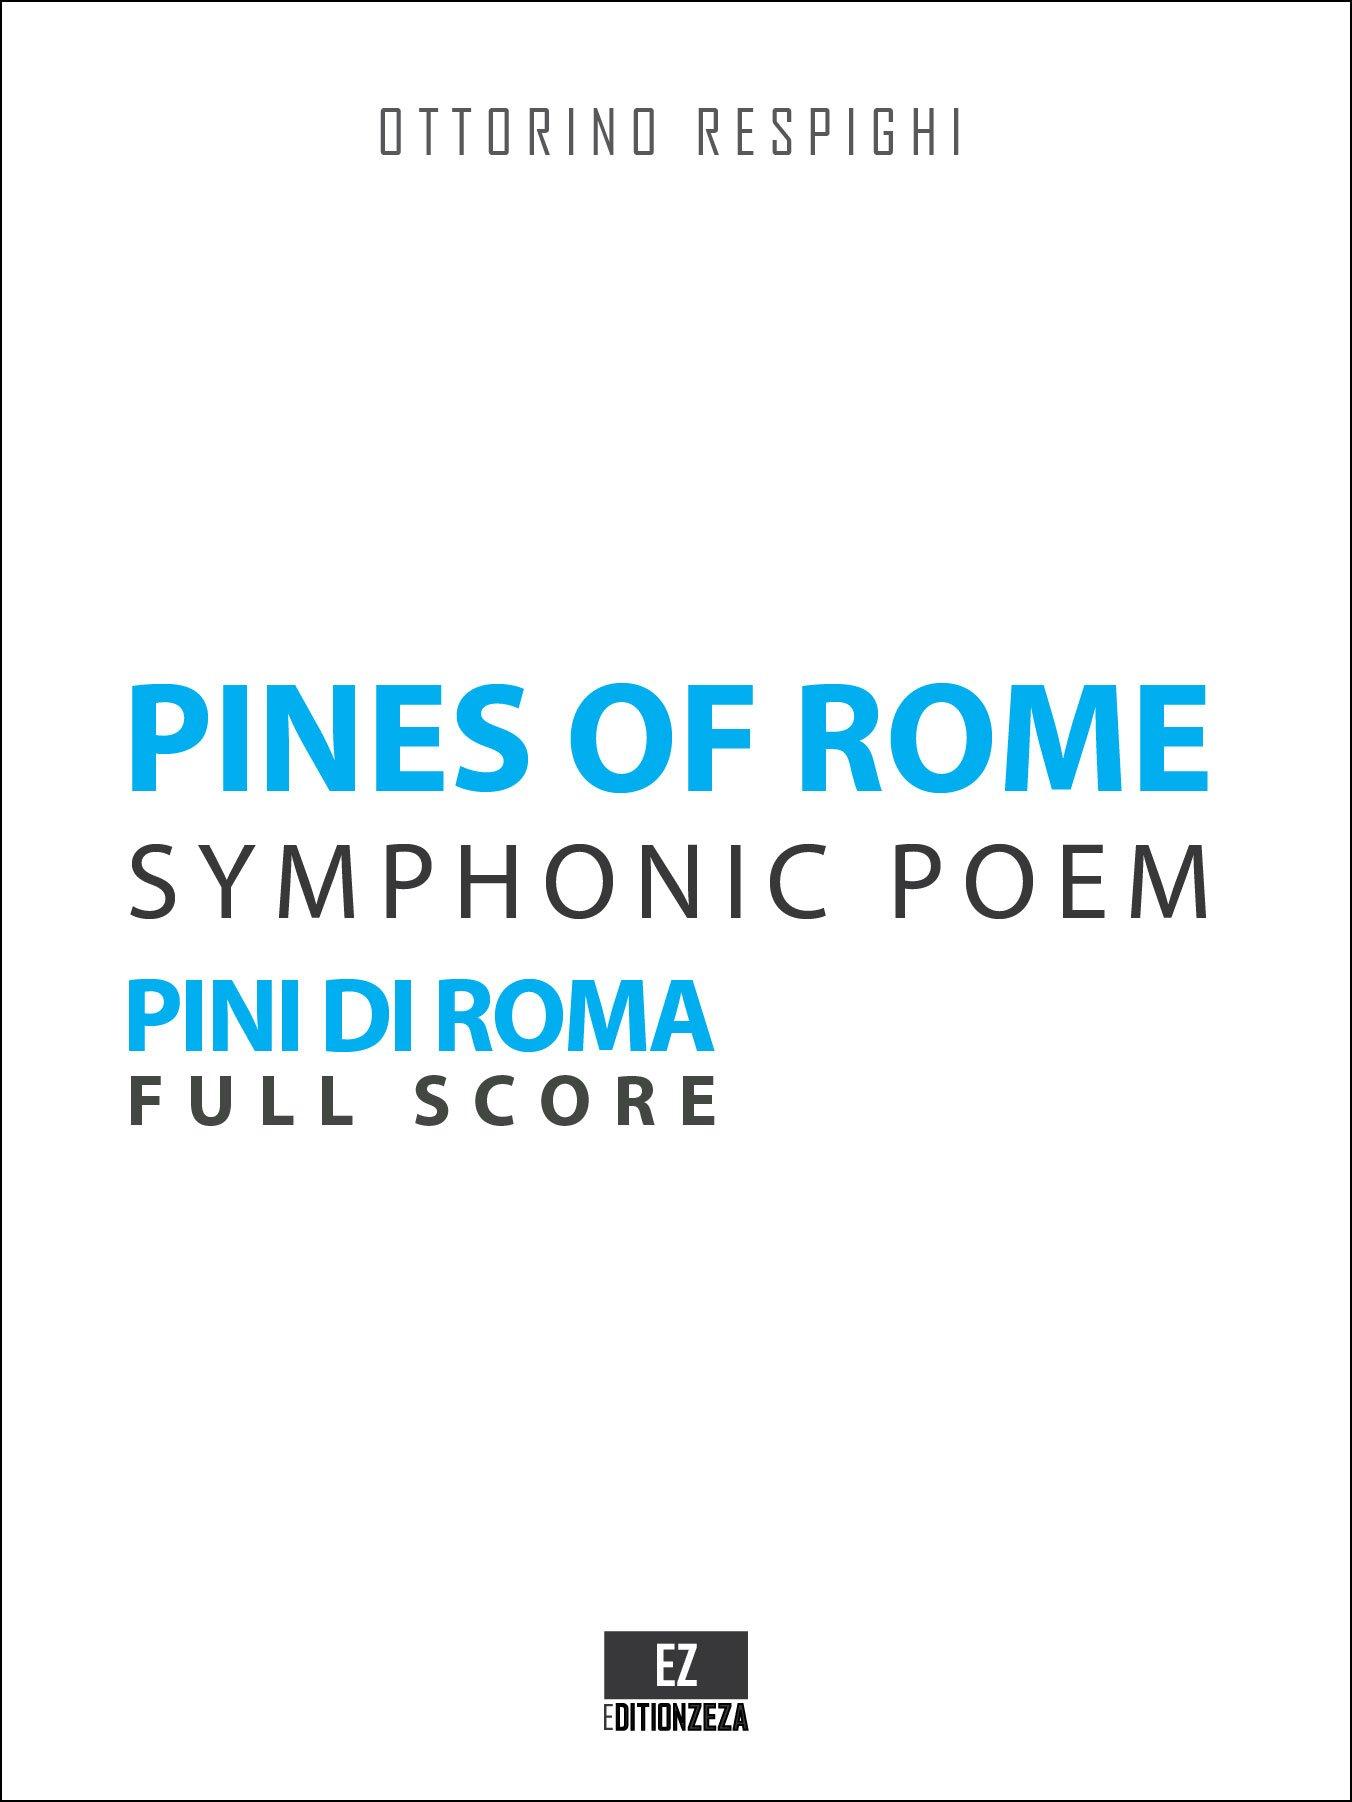 Download Pines of Rome - Pini di Roma (CONDUCTOR'S SCORE 9X12 INCHES) SKU:EZ-1994 pdf